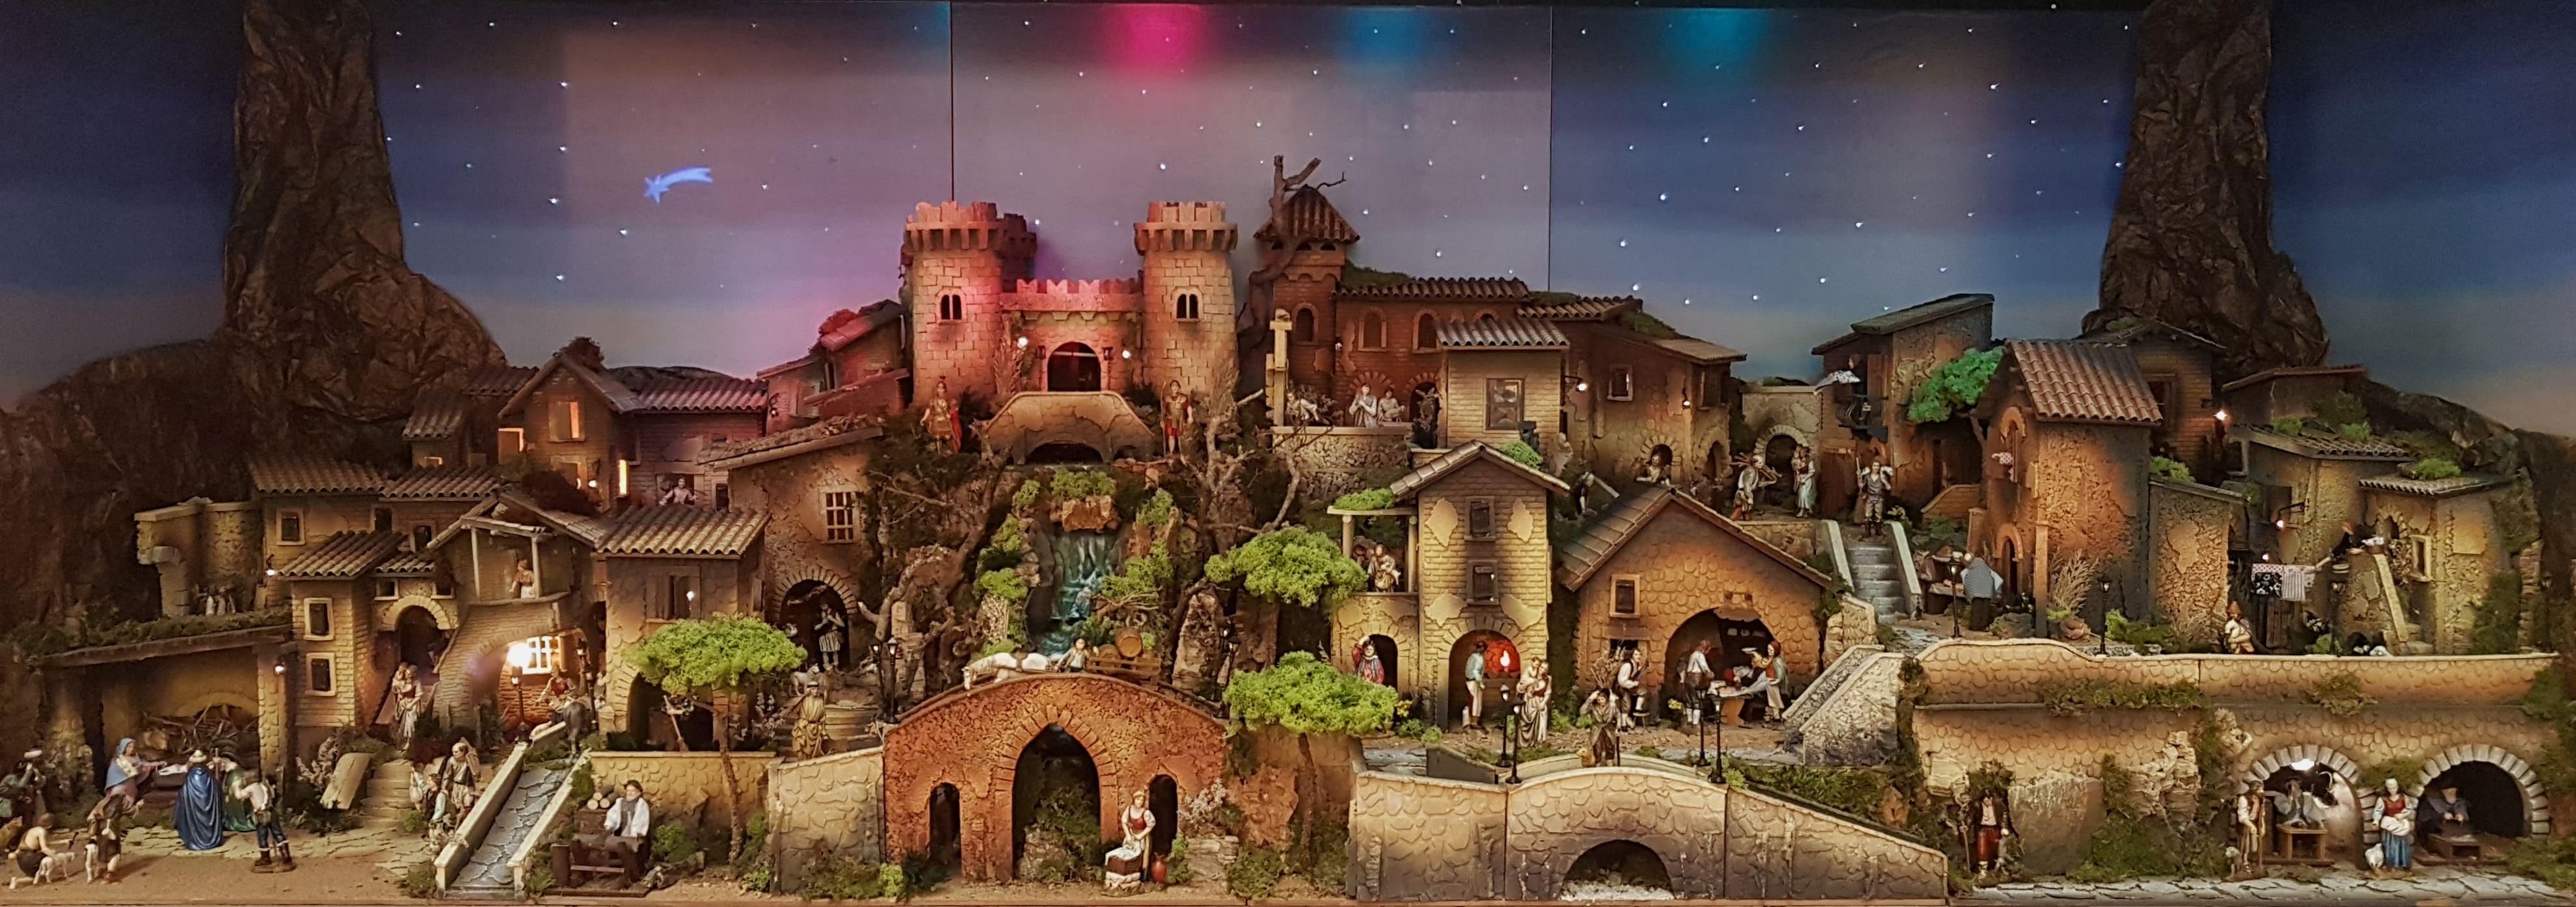 Complete nativity scenes